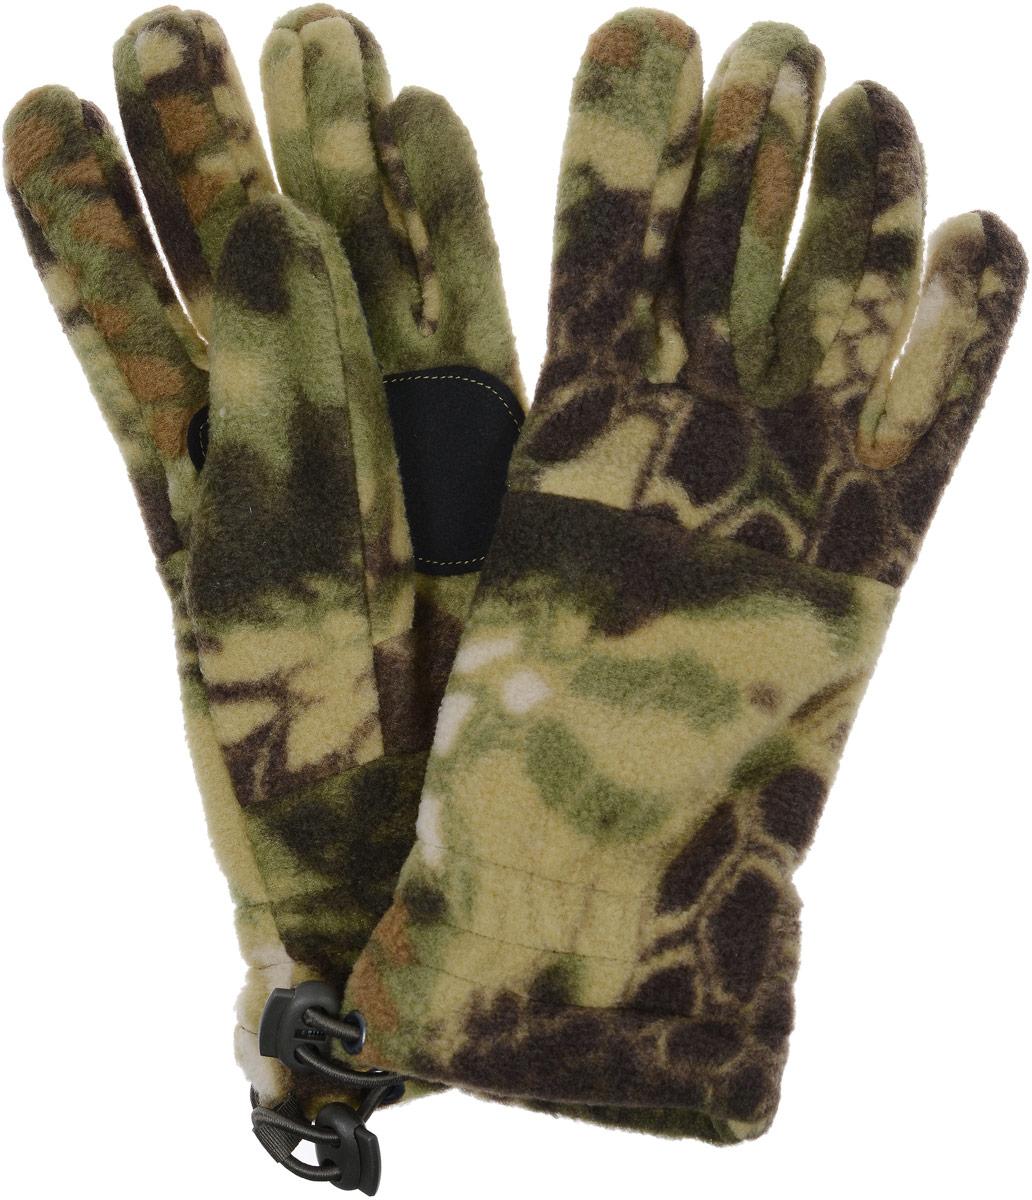 Перчатки спортивные Keotica, цвет: темно-коричневый. 1021004. Размер S/M (7,5/8)1021004Перчатки из флиса. Они дышат, согревают и быстро сохнут при намокании.